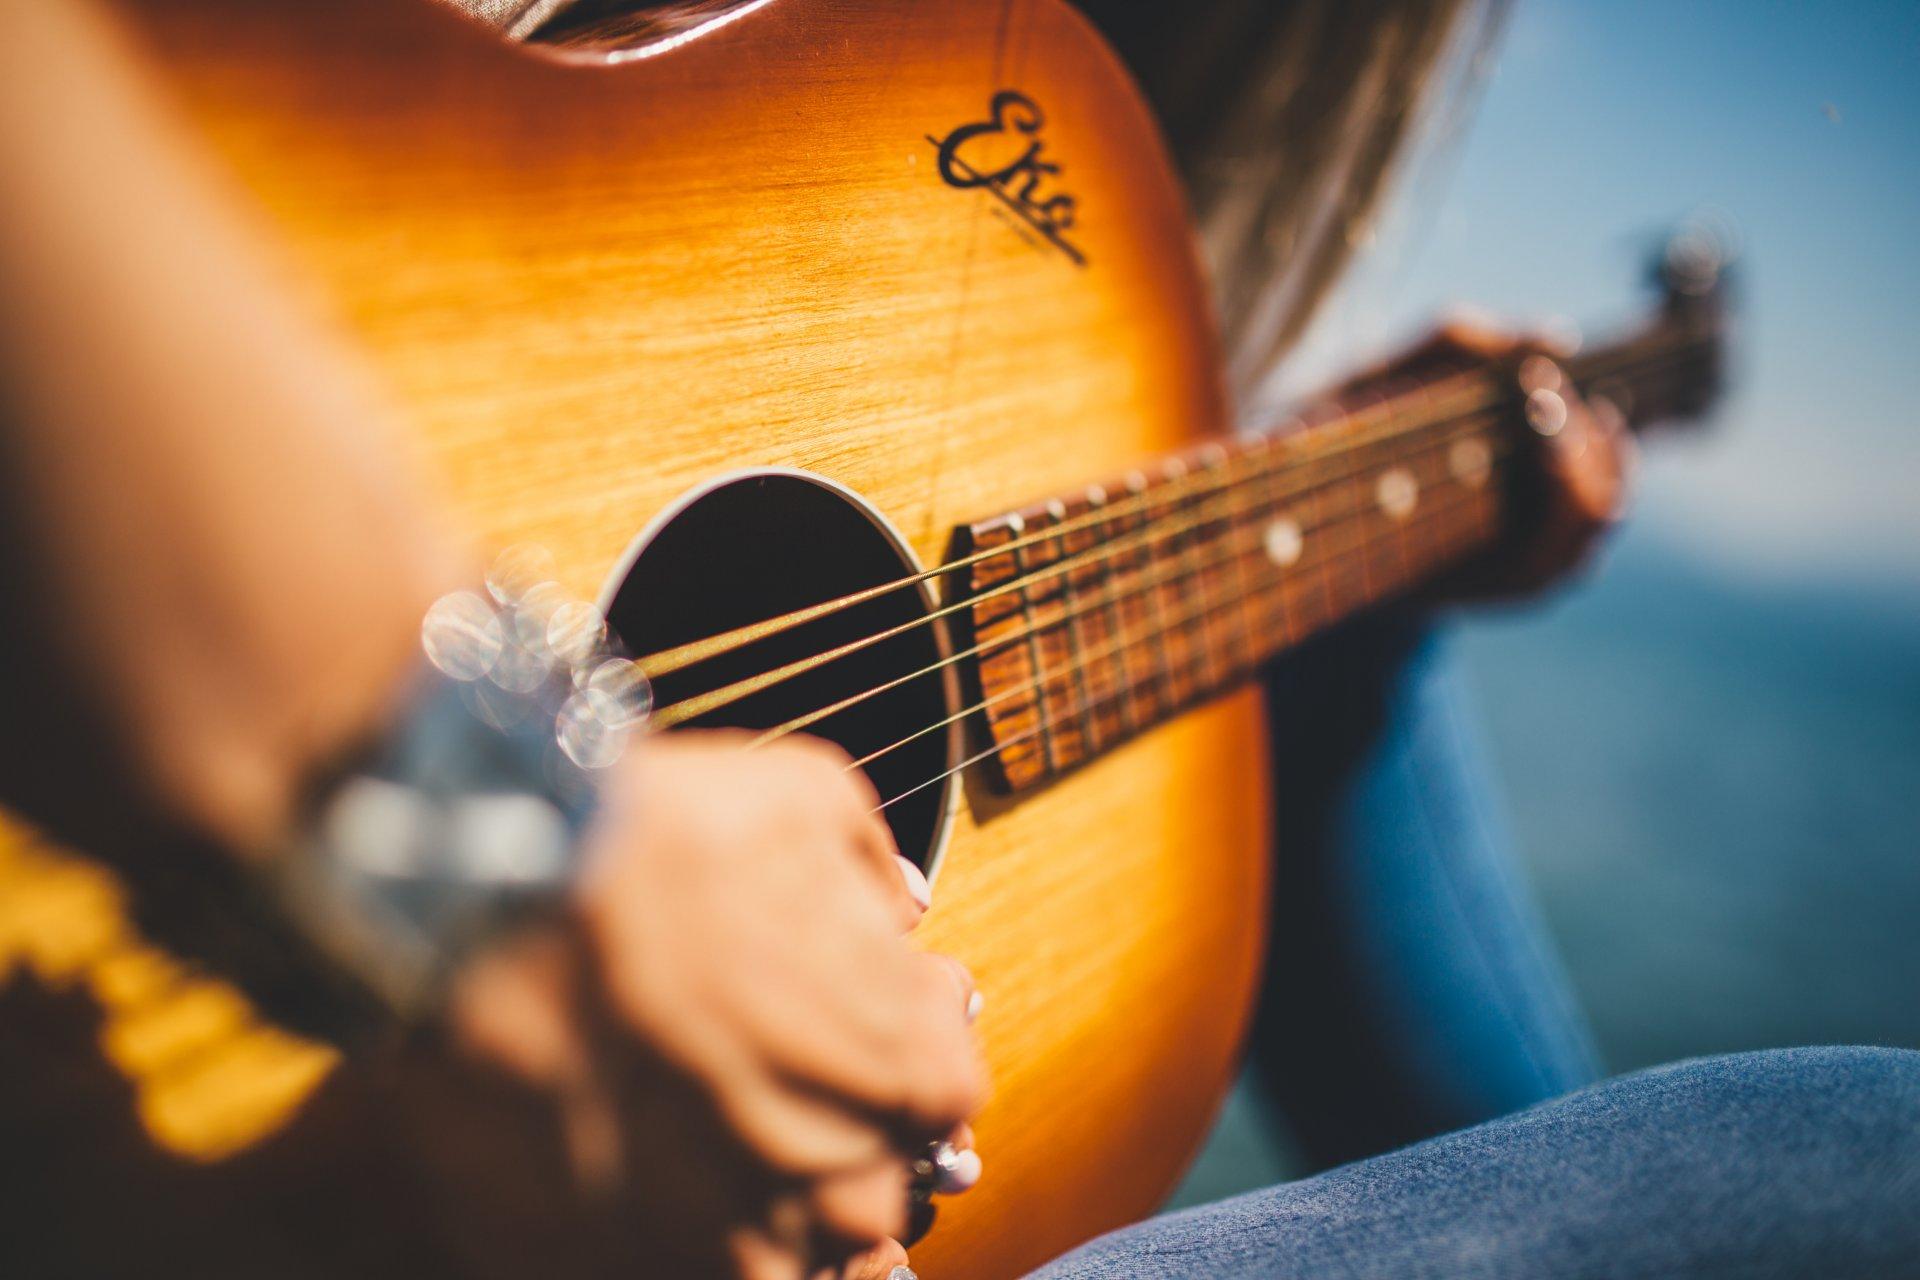 Картинки пожеланием, картинки красивые с гитарой